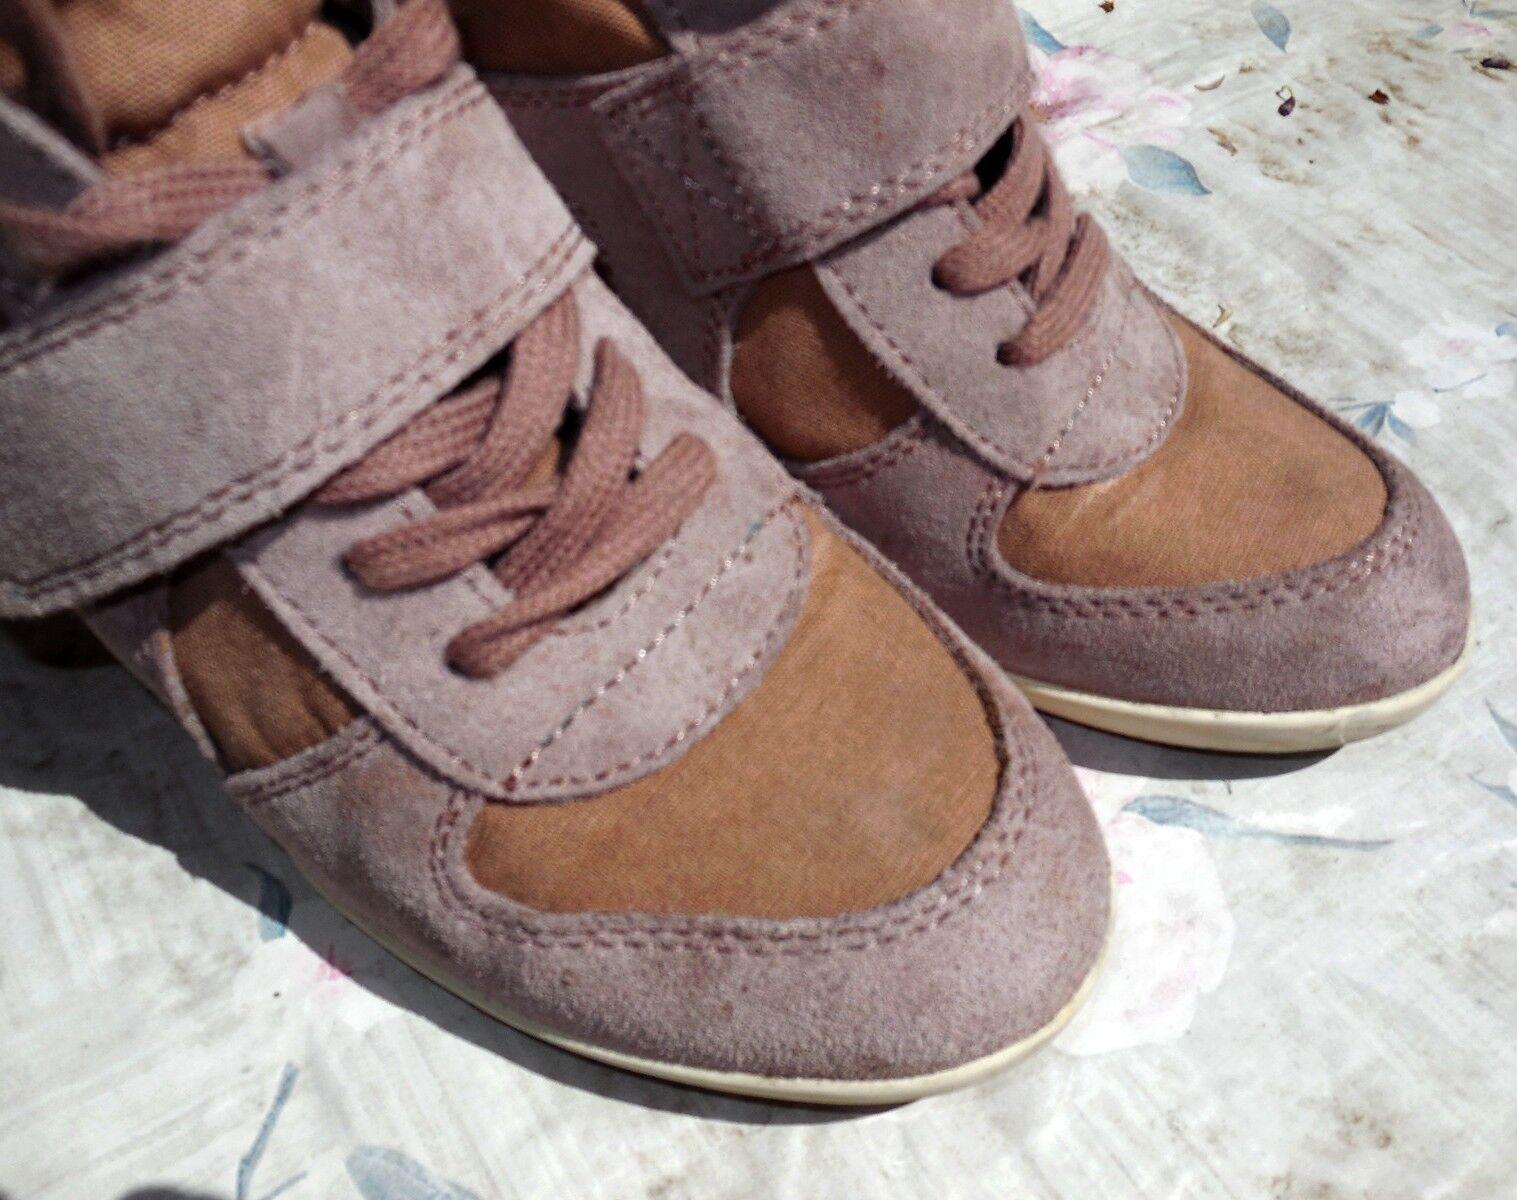 ASH Stiefeletten Bowie Stiefeletten ASH Wedges Sneakers Hidden Wedges Keilabsatz Gr 37 315e84